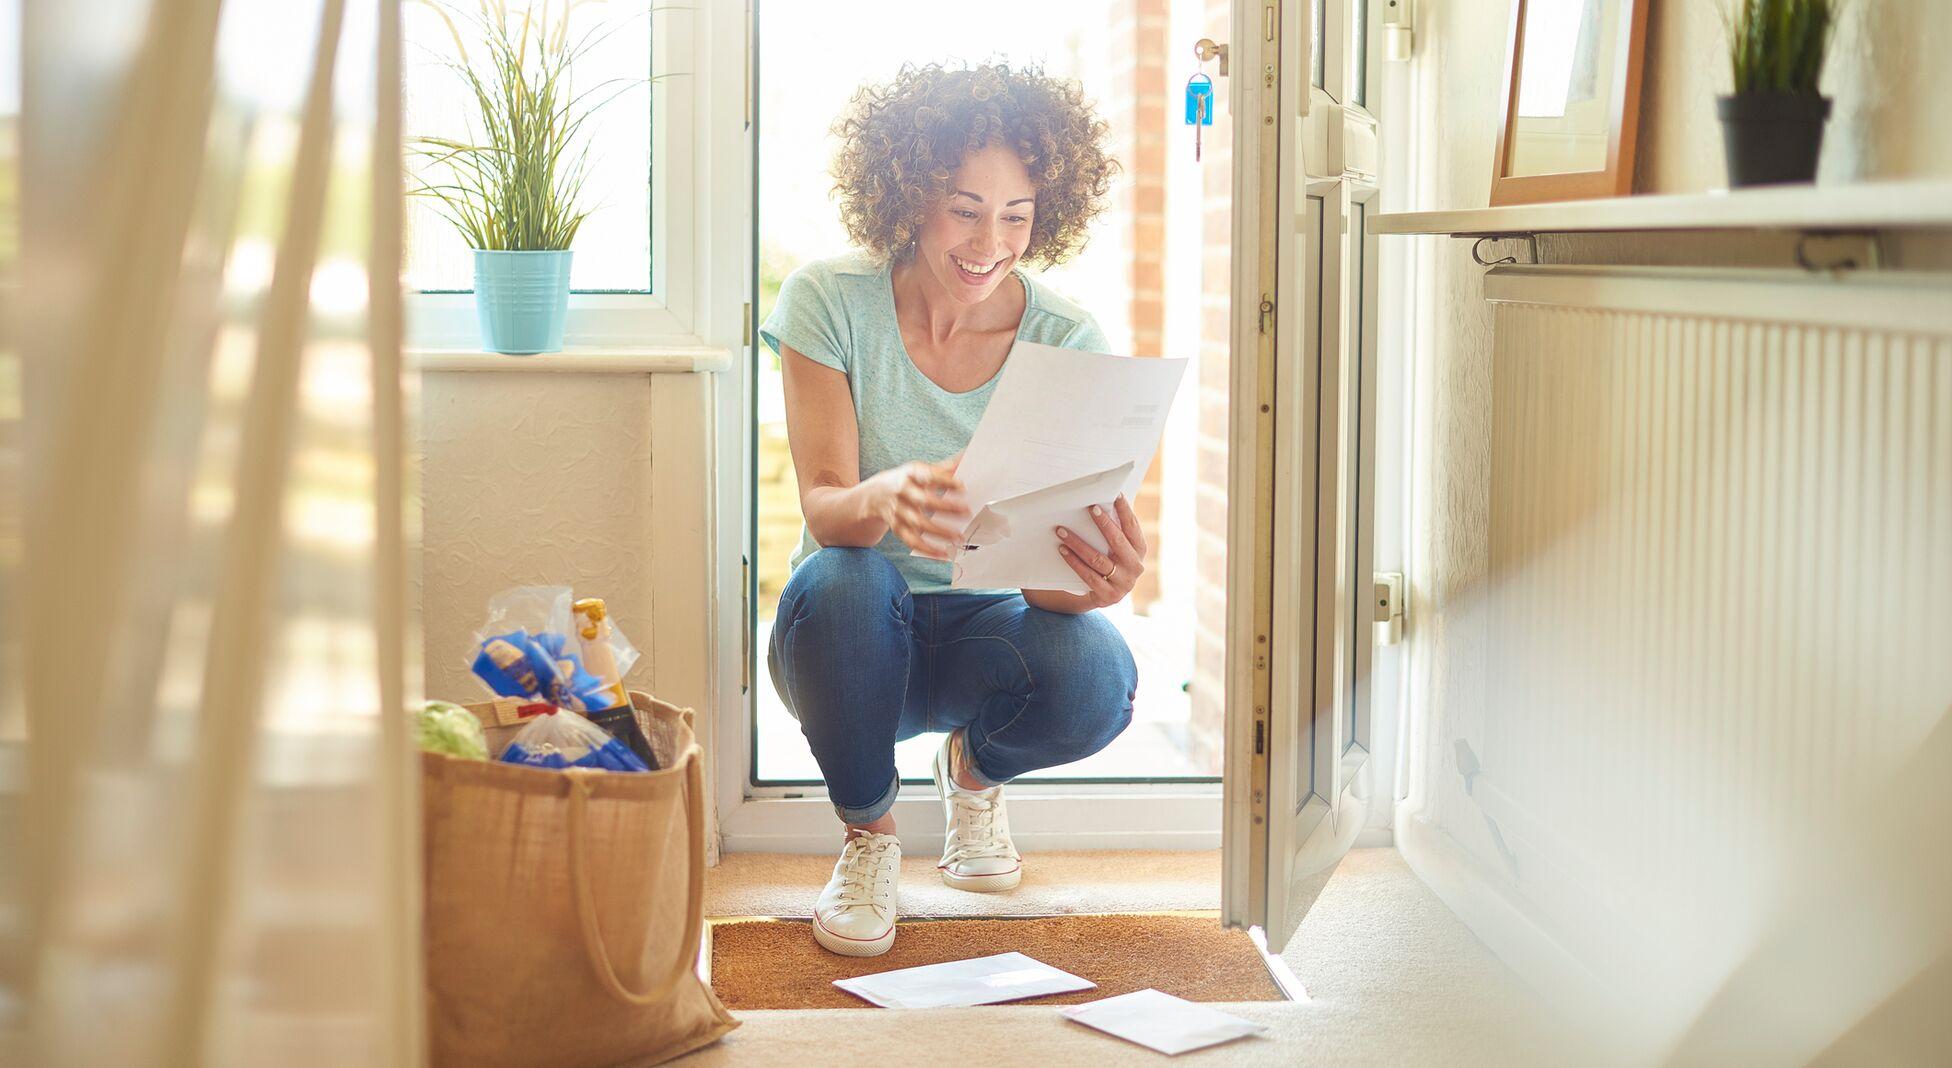 Nachsendeauftrag: Junge Frau öffnet Post an der Haustür.